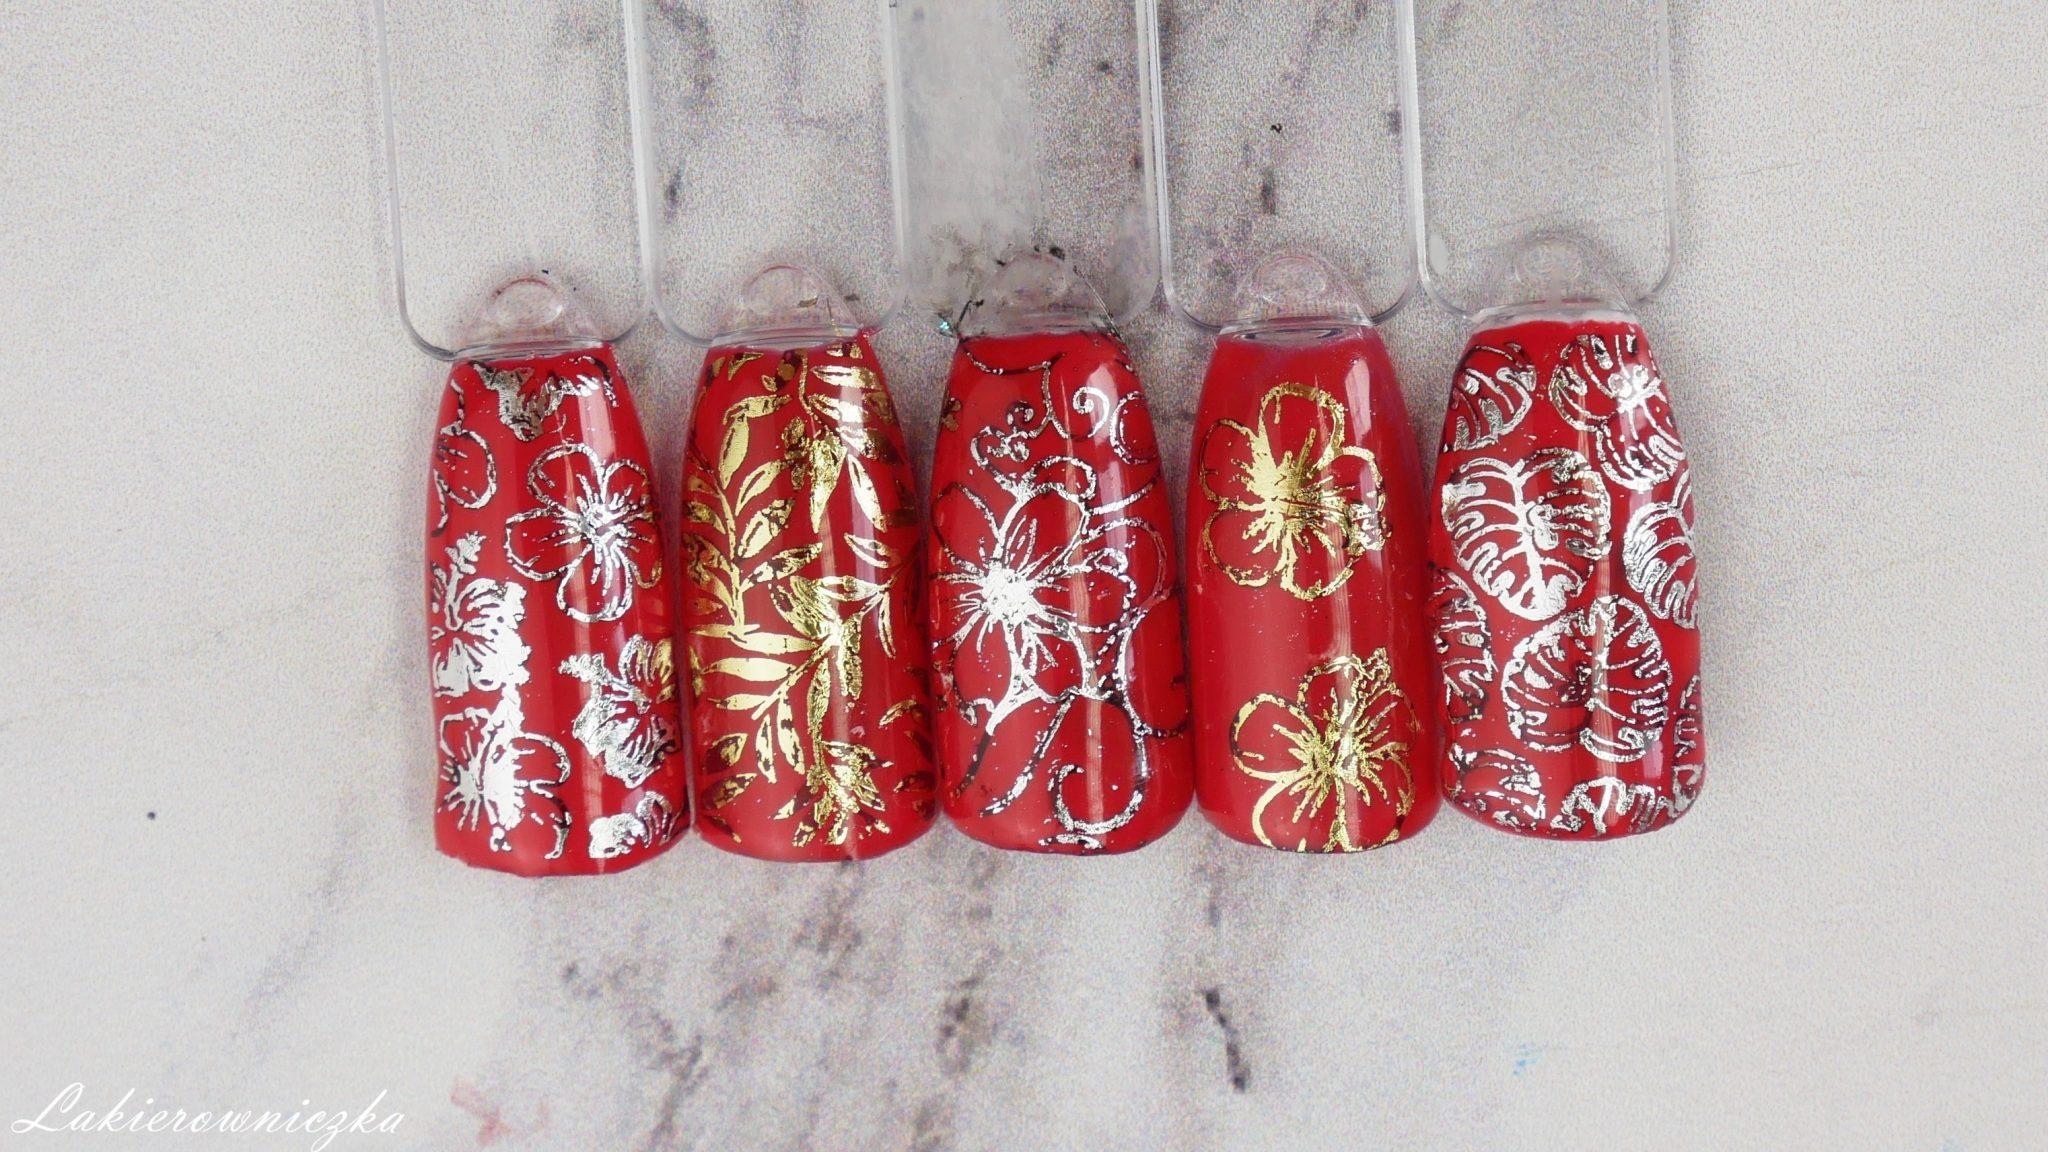 idealna-czerwona-hybryda-Charbonne-stemplowanie-fiolia-transferowa-Moyra-Lakierownicza-plytka-B-loves-plates-czerwone-paznokcie-idealna czerwona hybryda